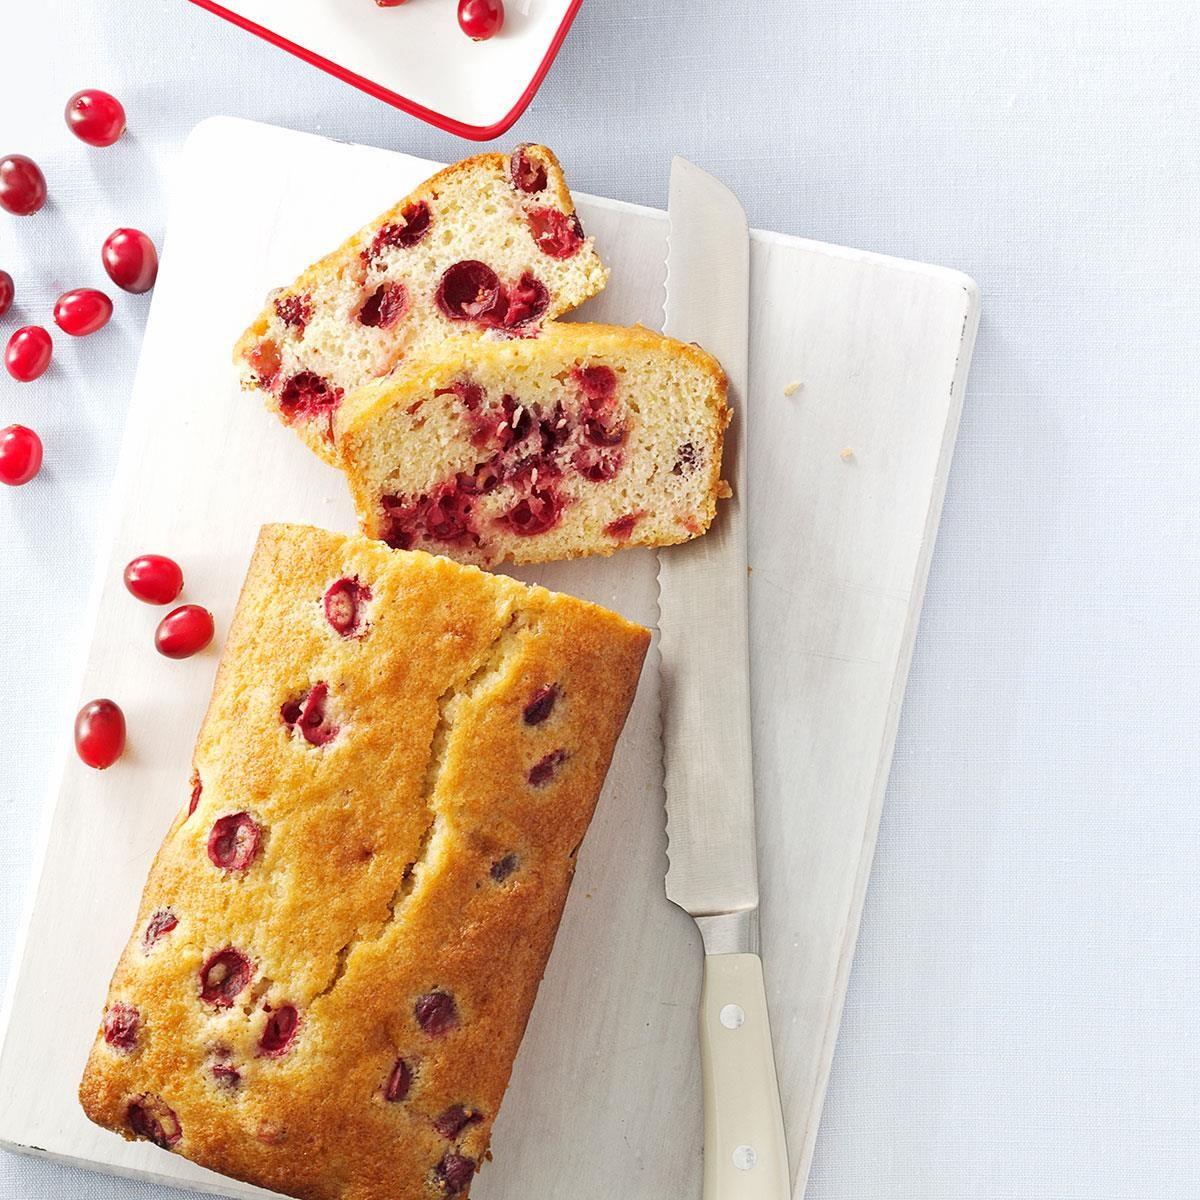 Tart Cranberry Quick Bread